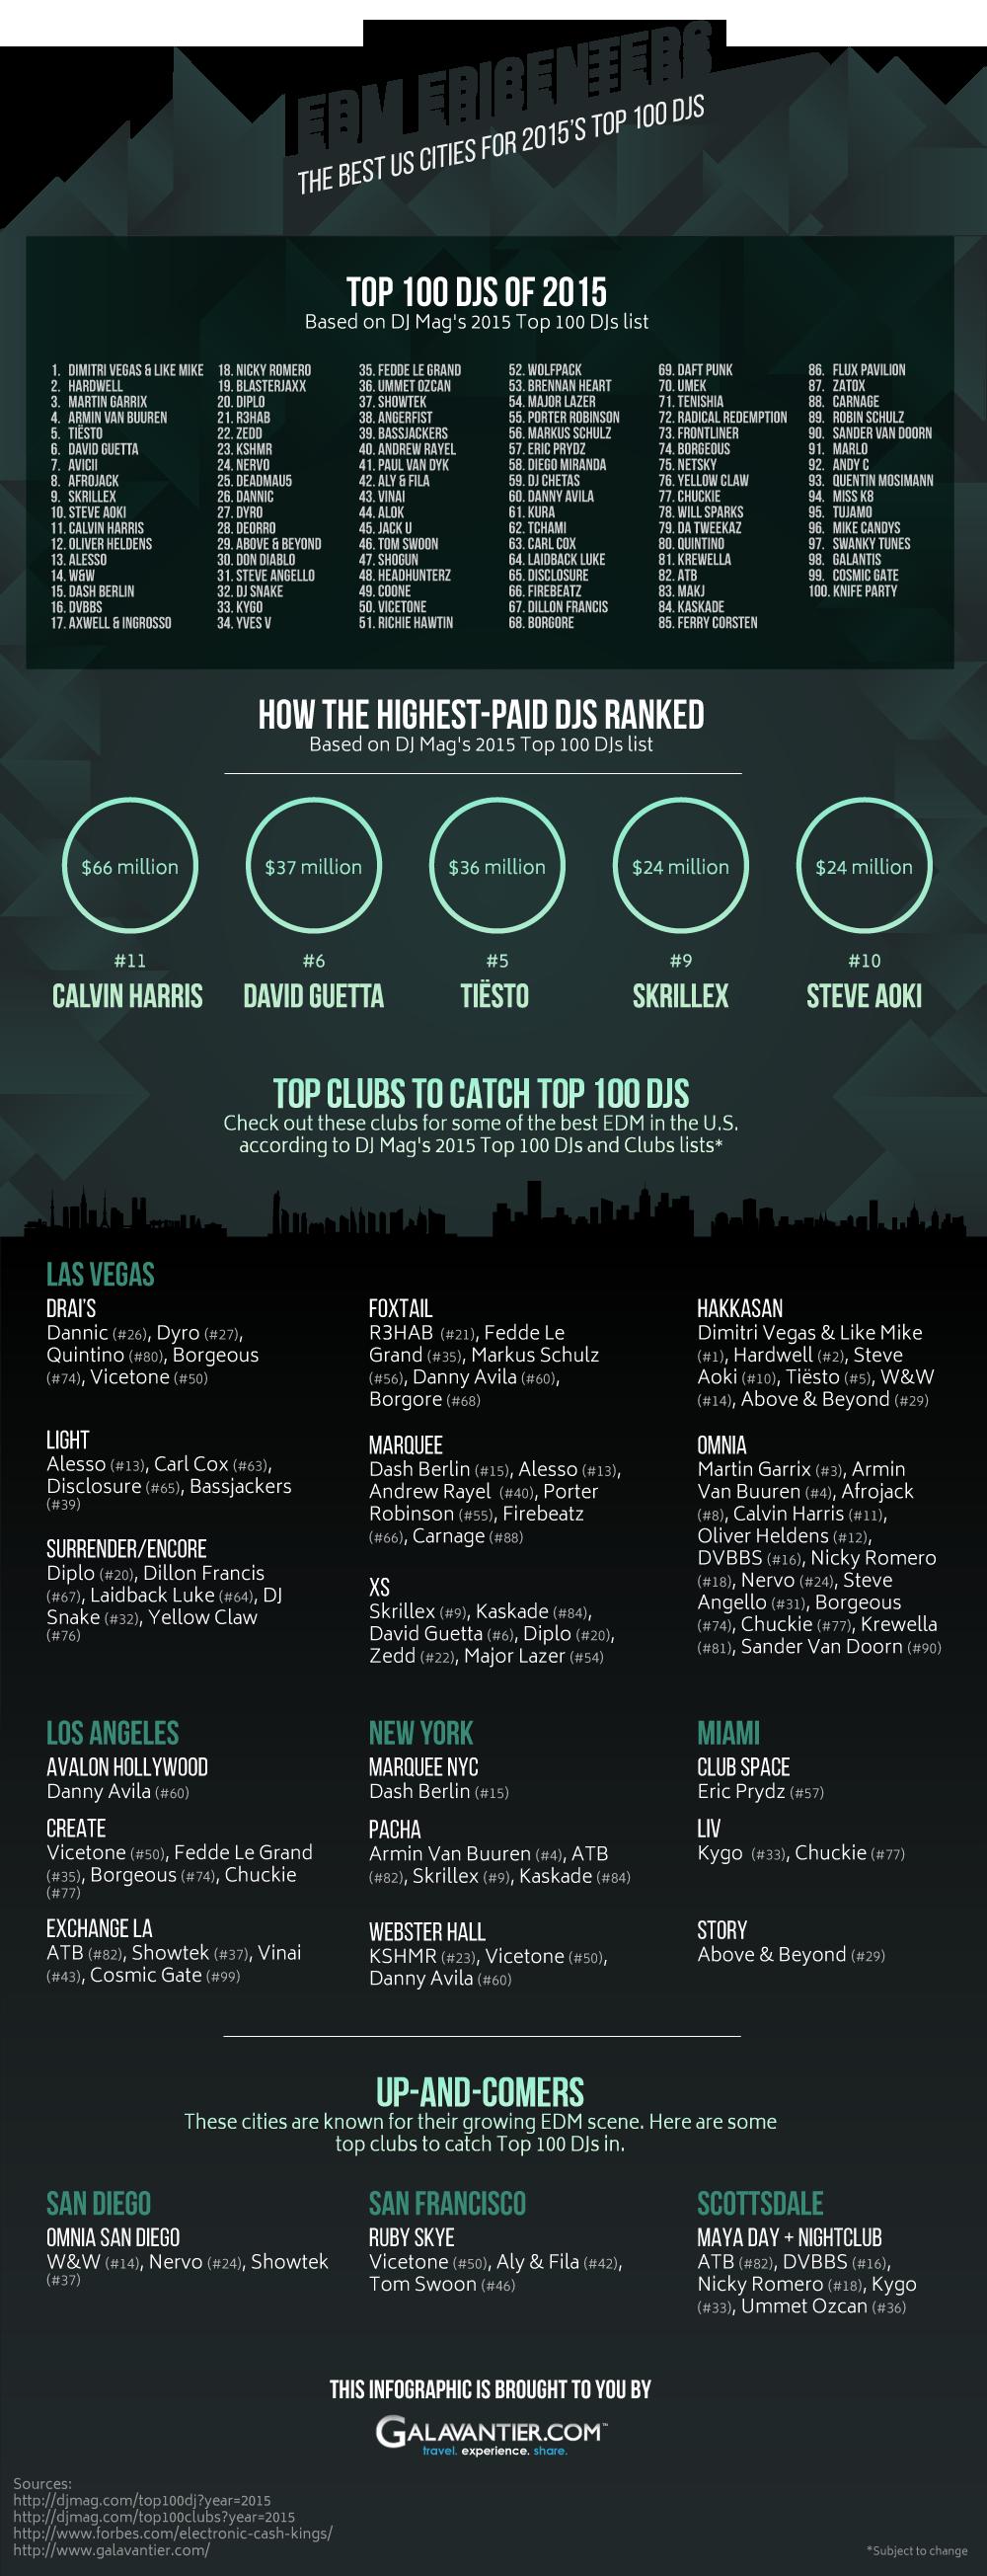 The Best US Cities for 2015's Top 100 DJs